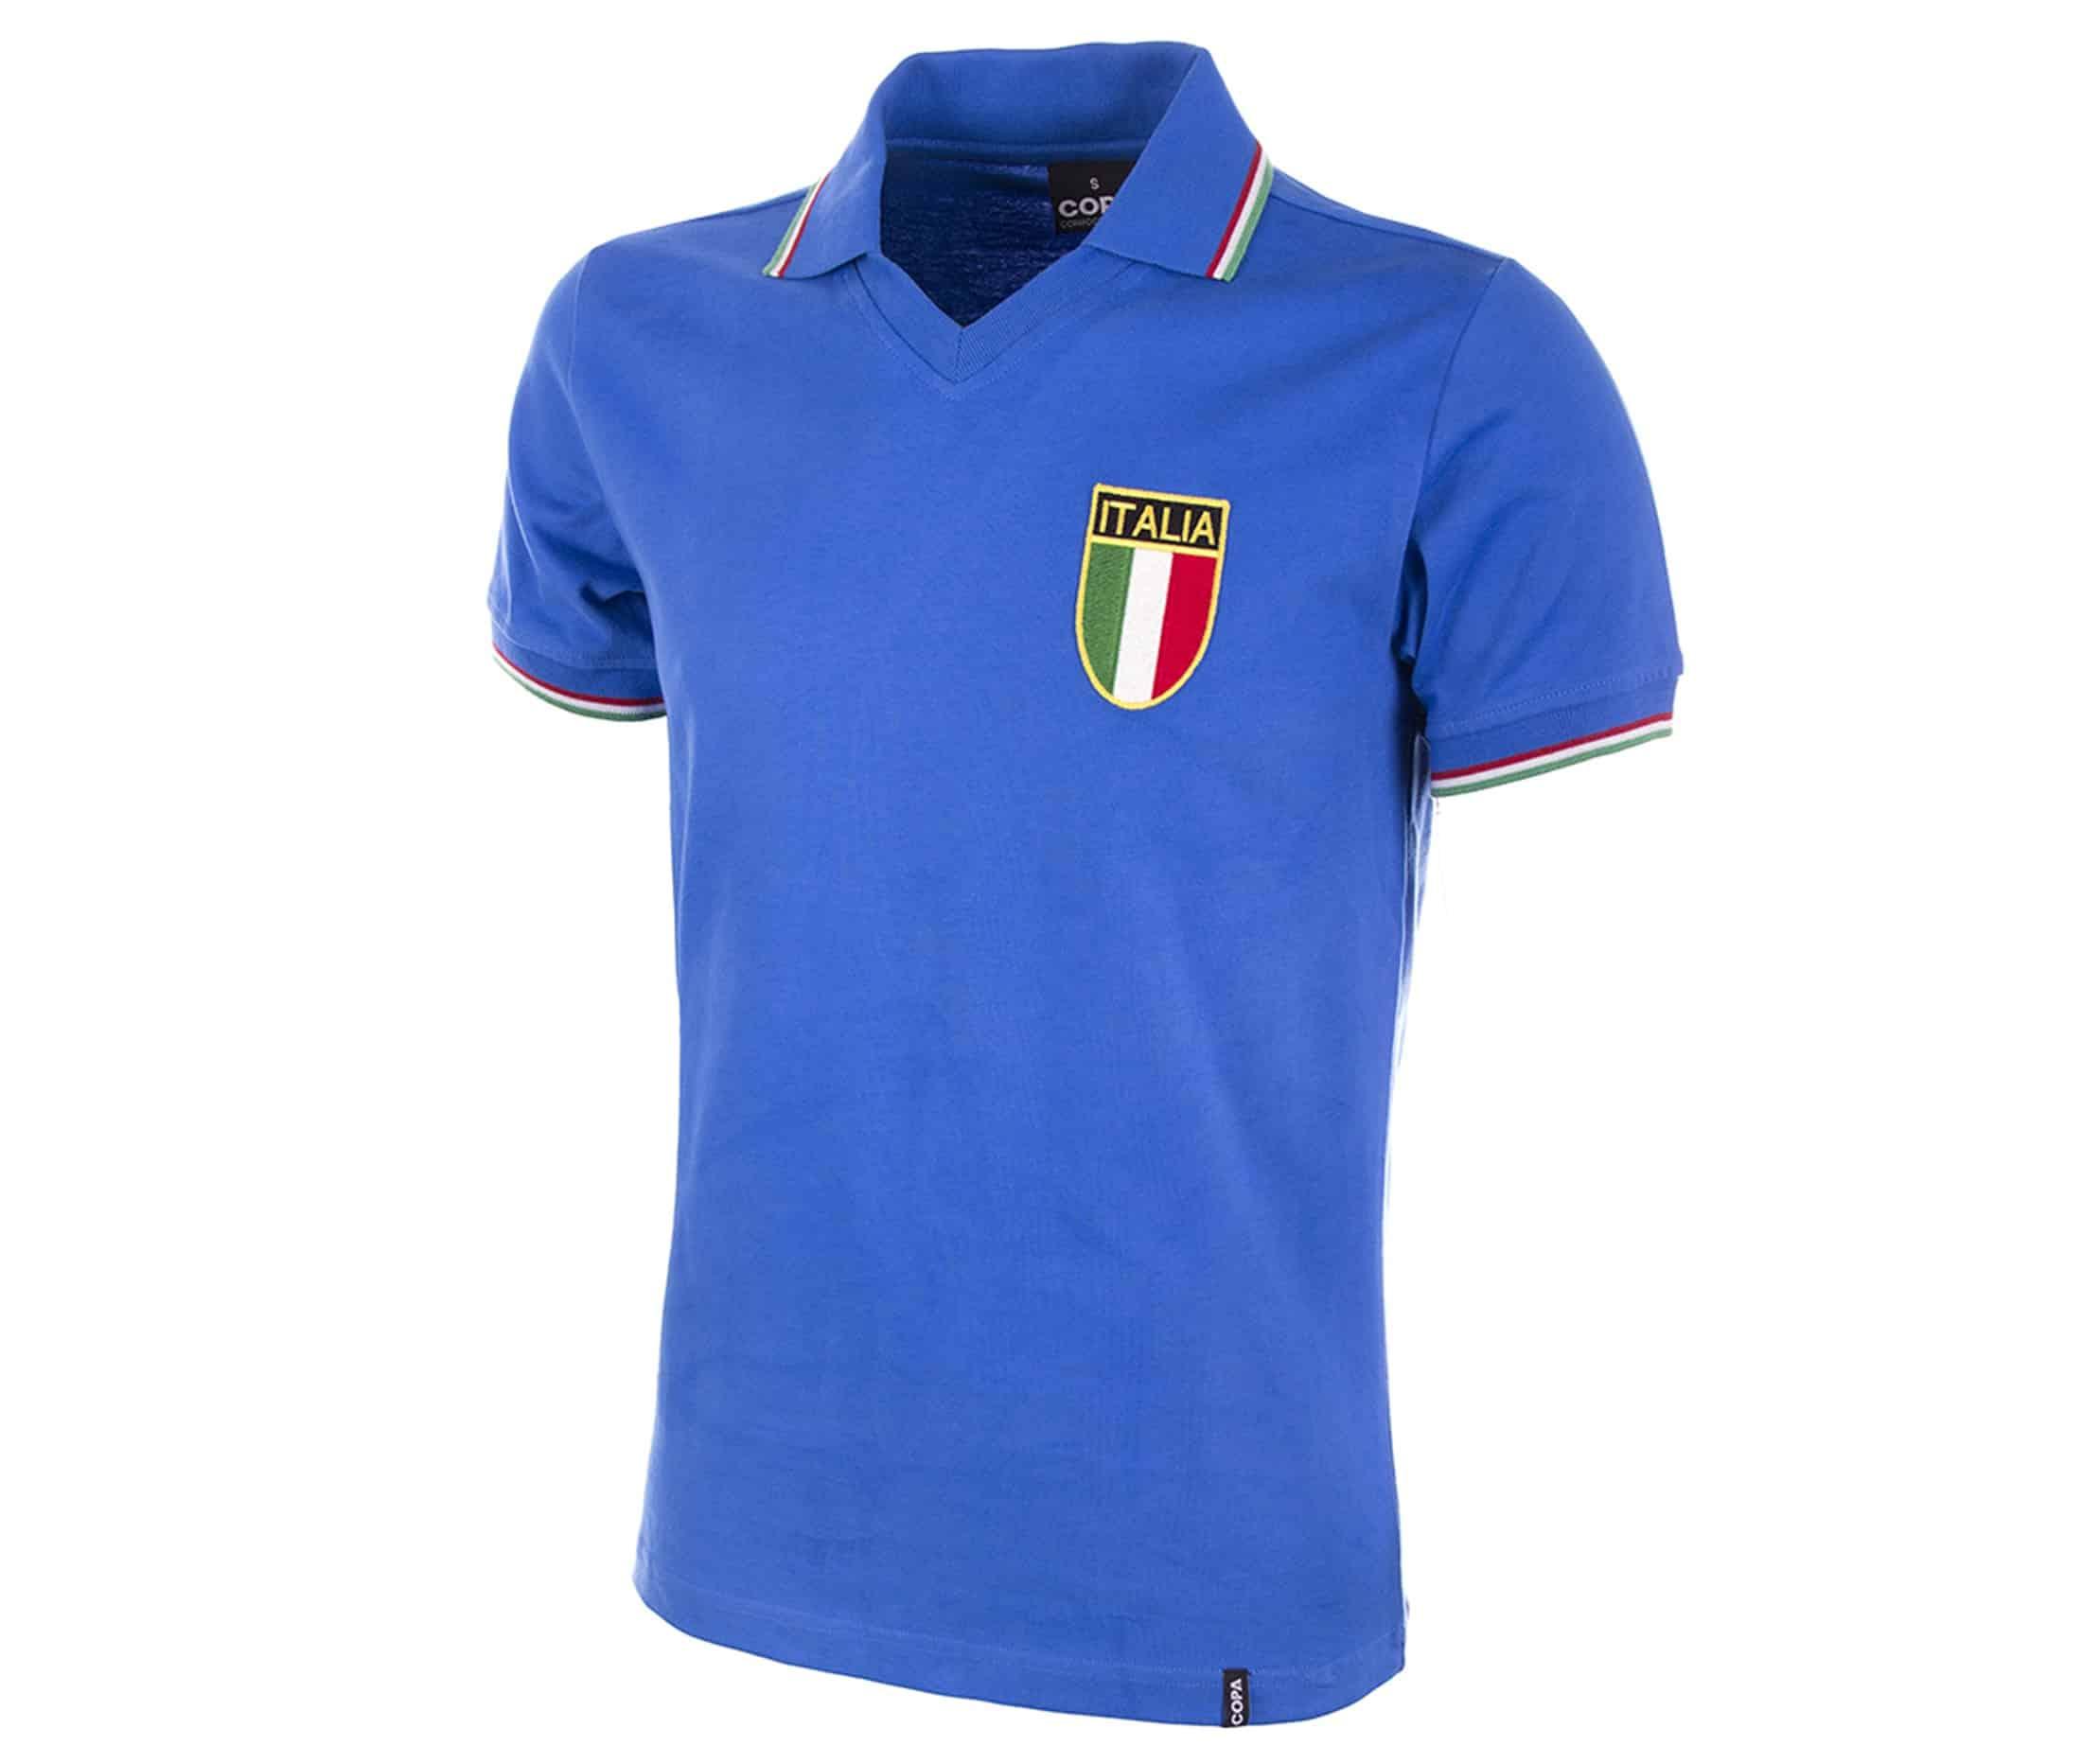 maillot-football-coupe-du-monde-italie-1982-mai-2018